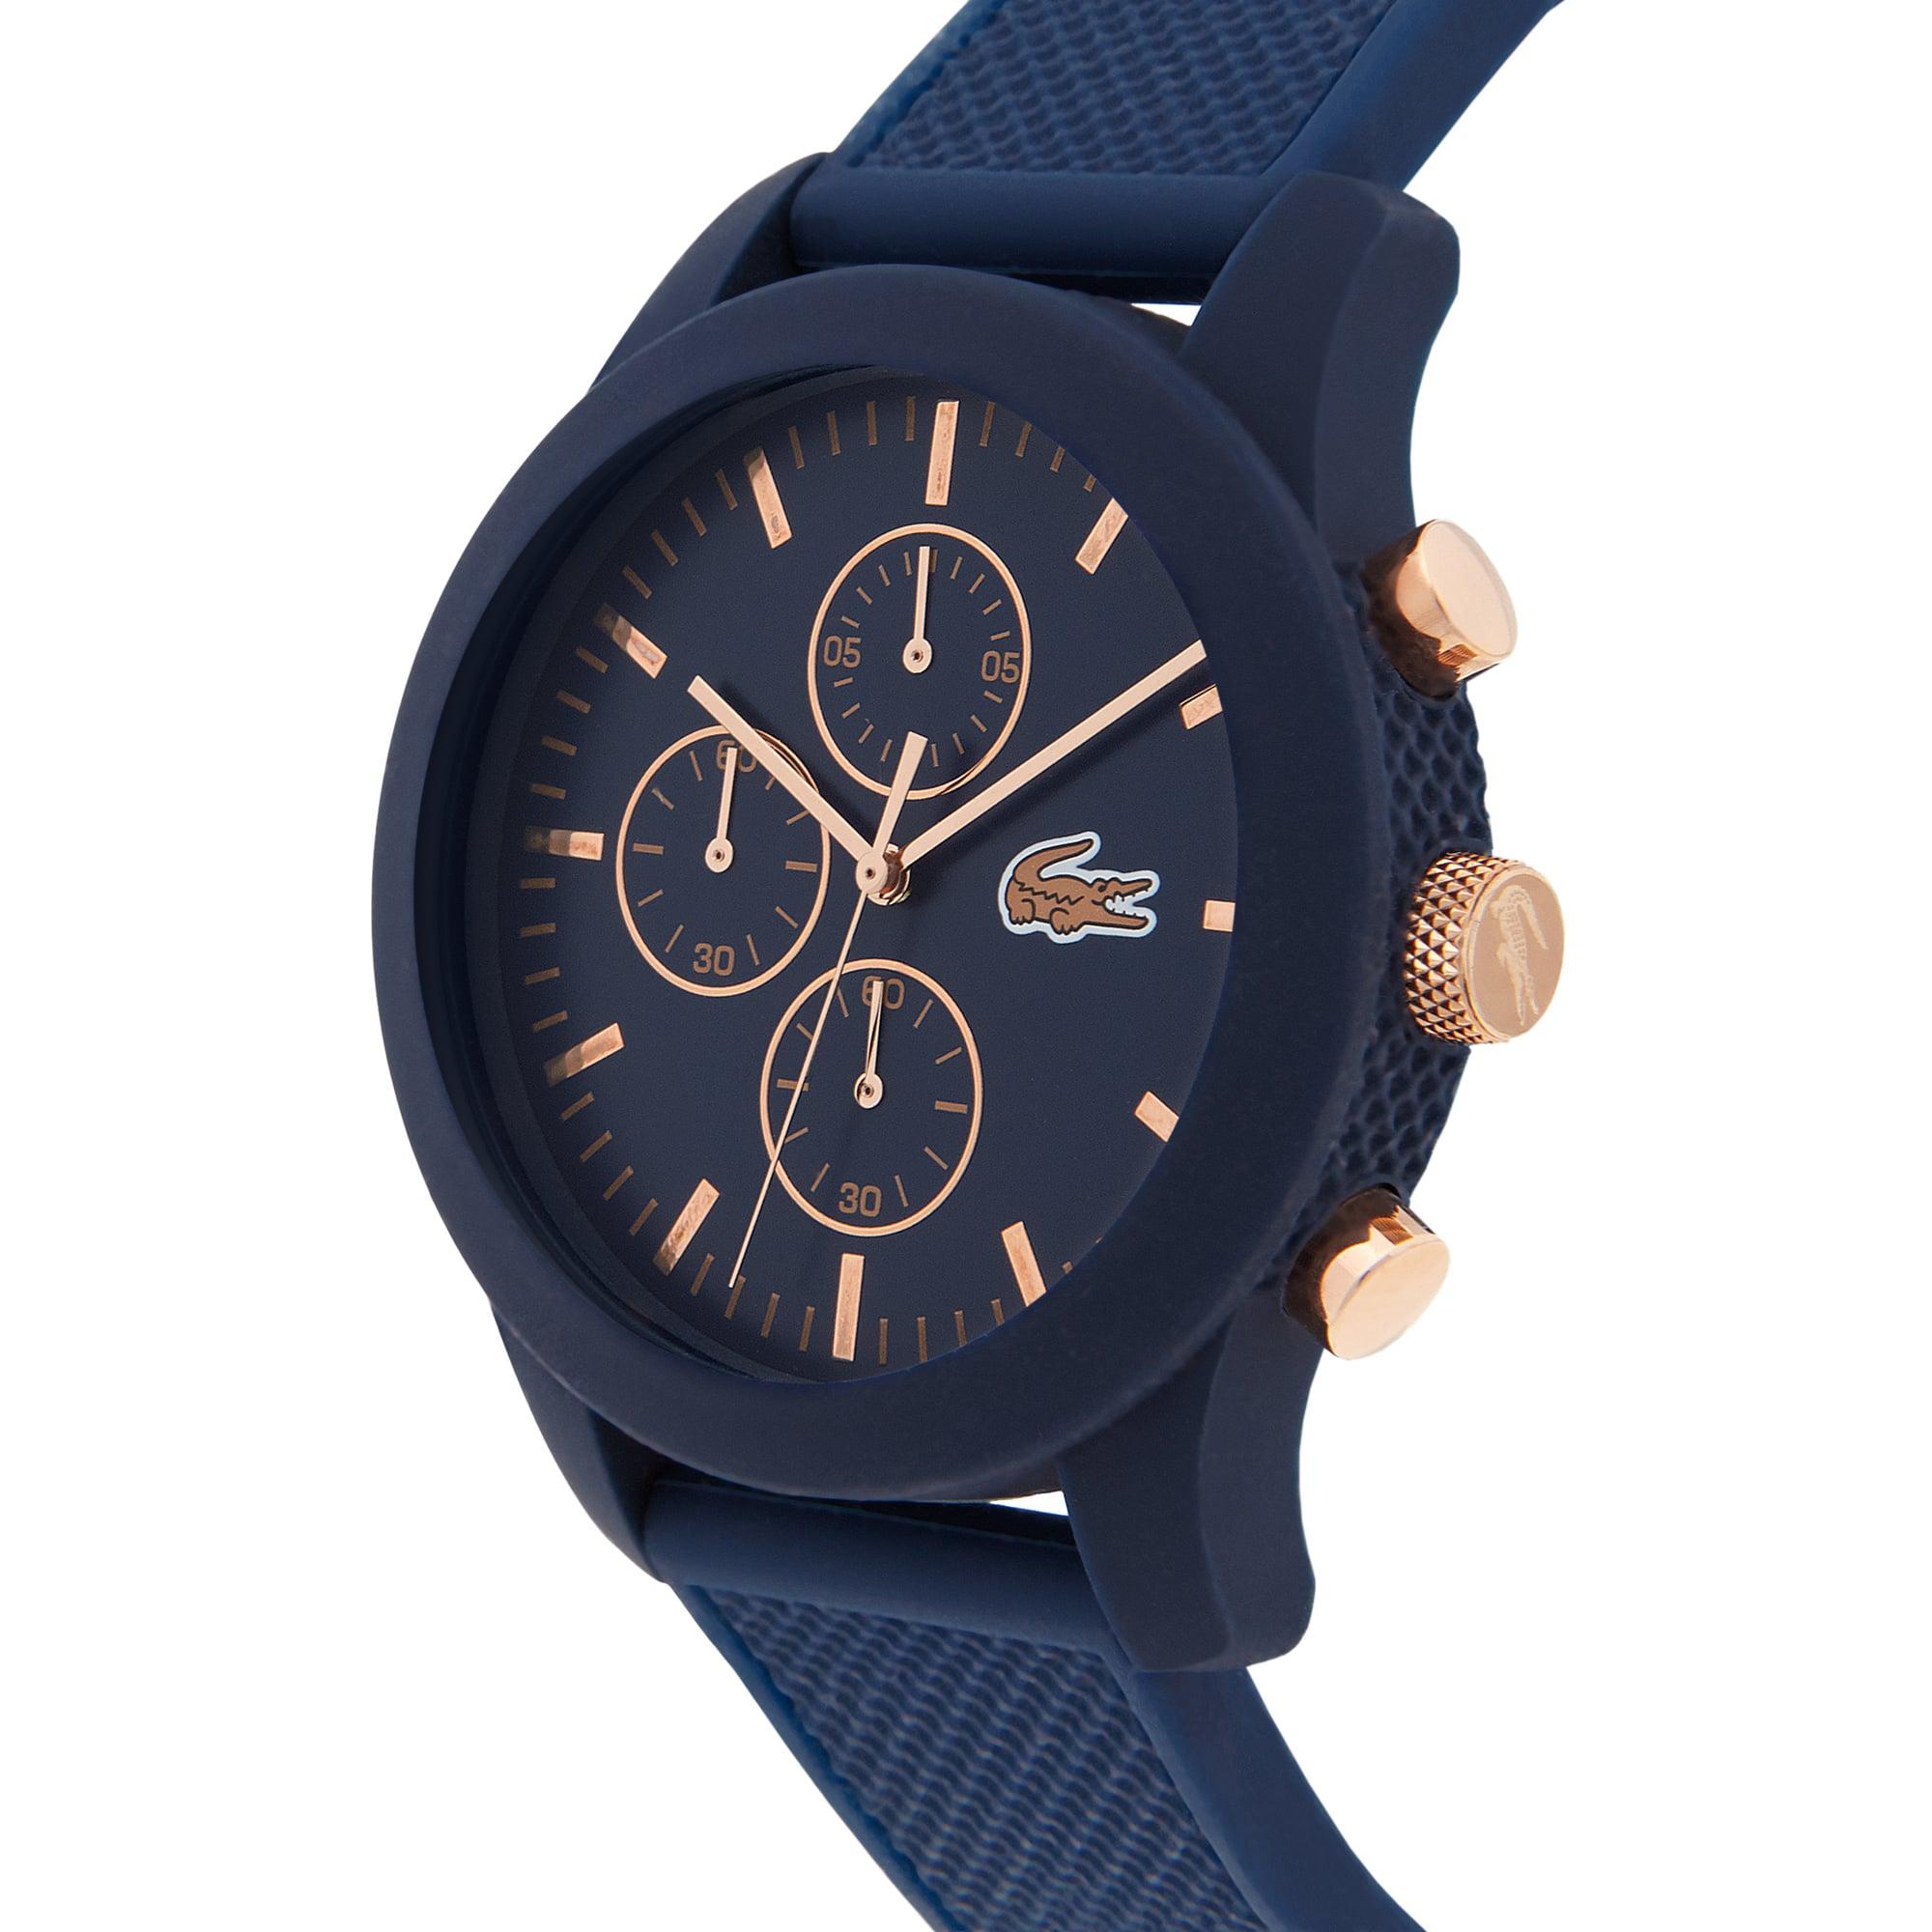 Relógio Lacoste.12.12 com cronógrafo, pulseira de silicone azul e detalhes rosé no mostrador